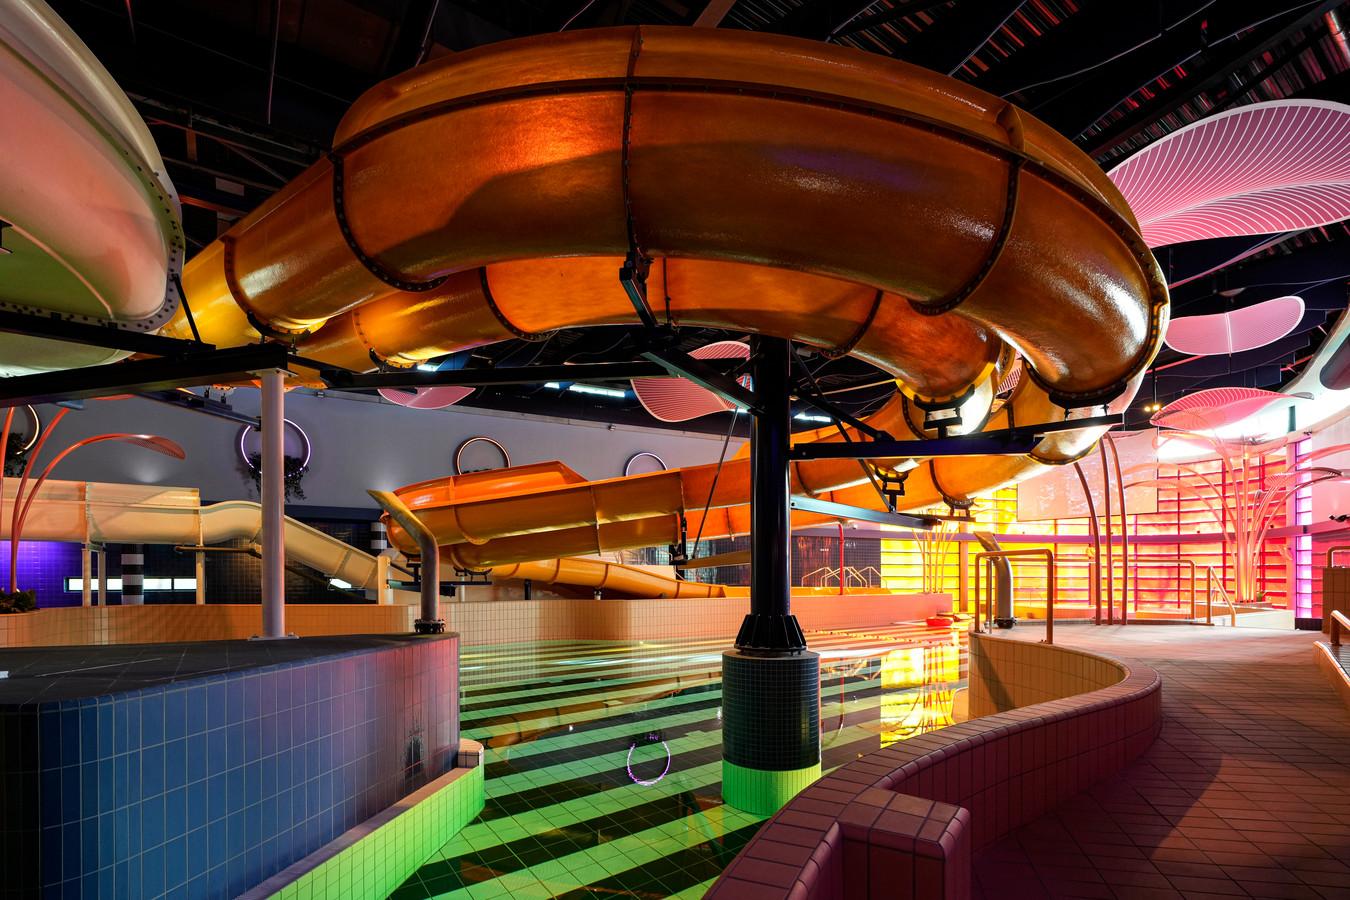 Het vernieuwde Aqua Fun in Sportiom